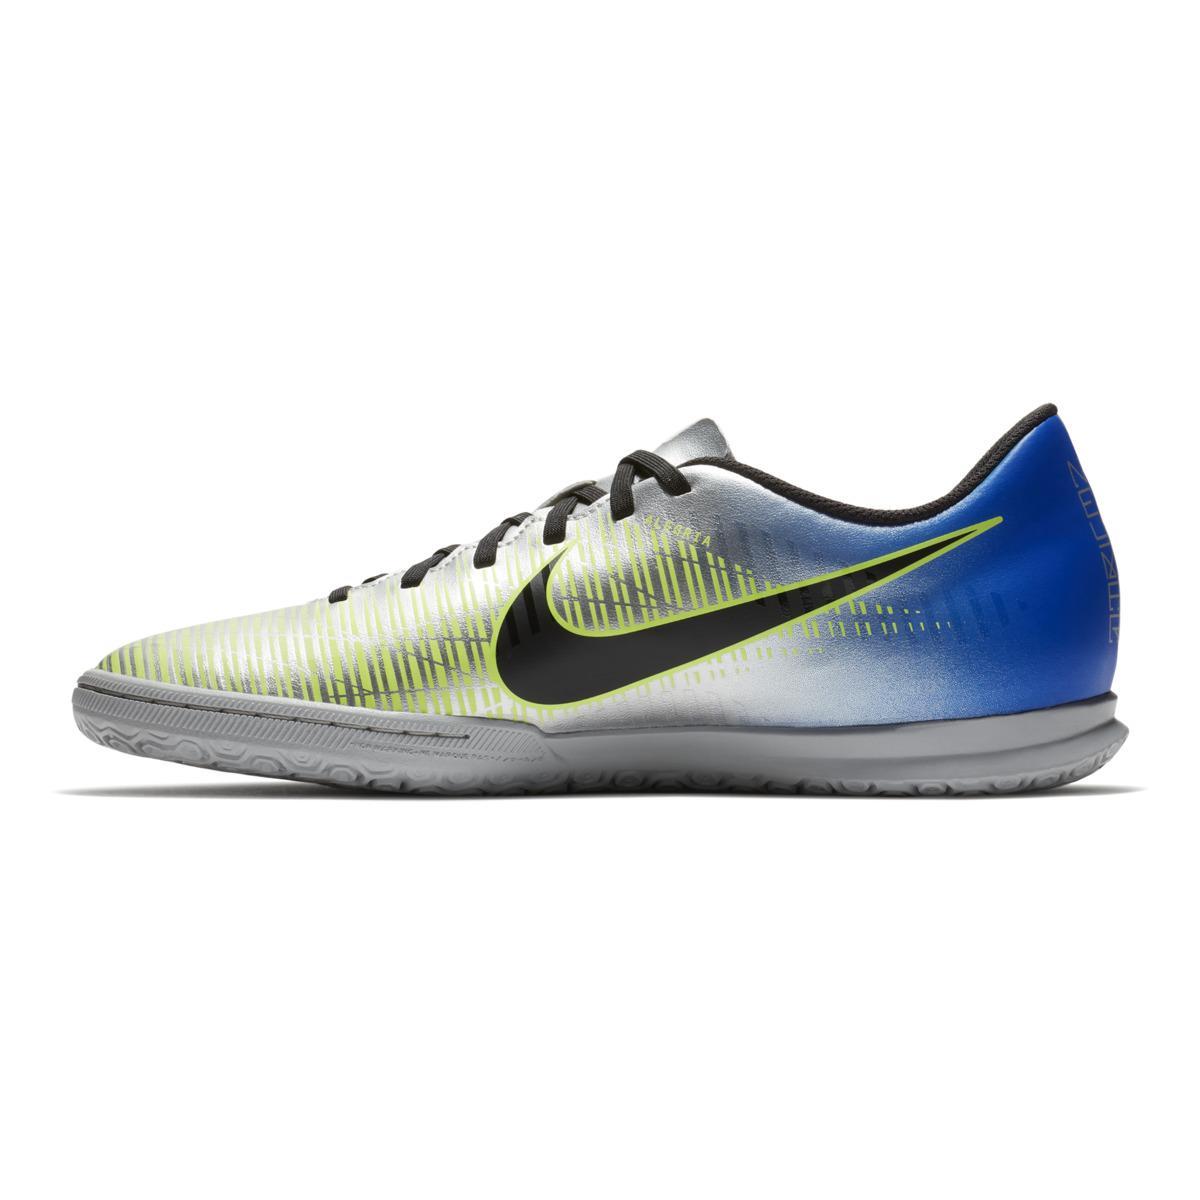 ac21f40234221 nike-Blue -Silver-Neymar-Jr-Indoor-Football-Boots-Mercurialx-Vortex-Iii-ic.jpeg